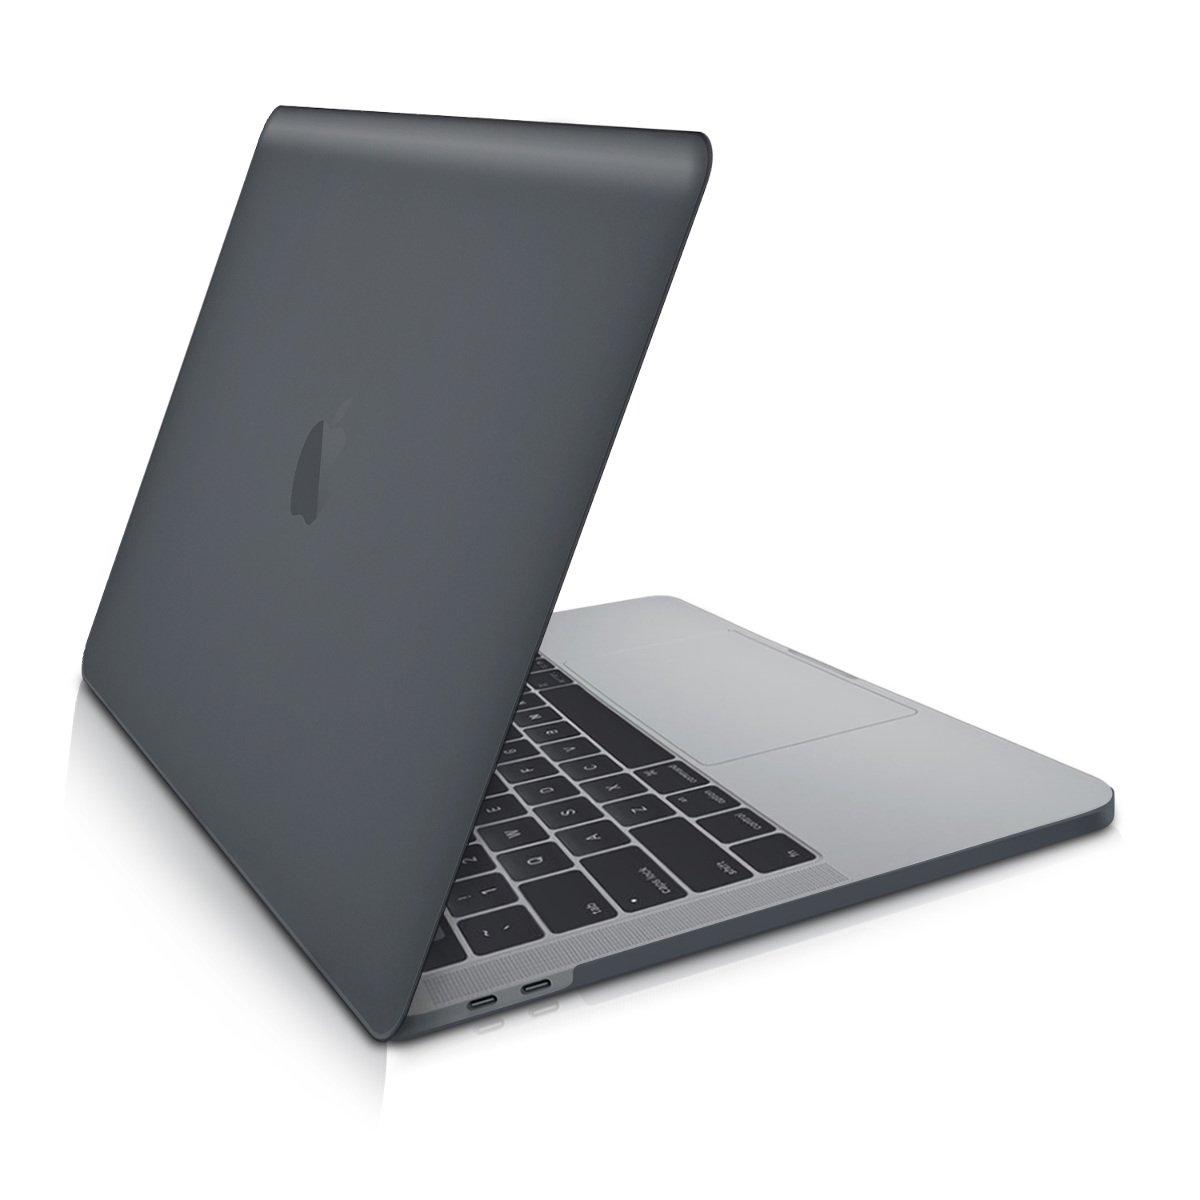 Funda Fina de Goma kwmobile Carcasa Dura de Laptop para Apple MacBook Pro 13 a Partir de 2016 - dise/ño Dont Touch my Mac Blanco//Negro